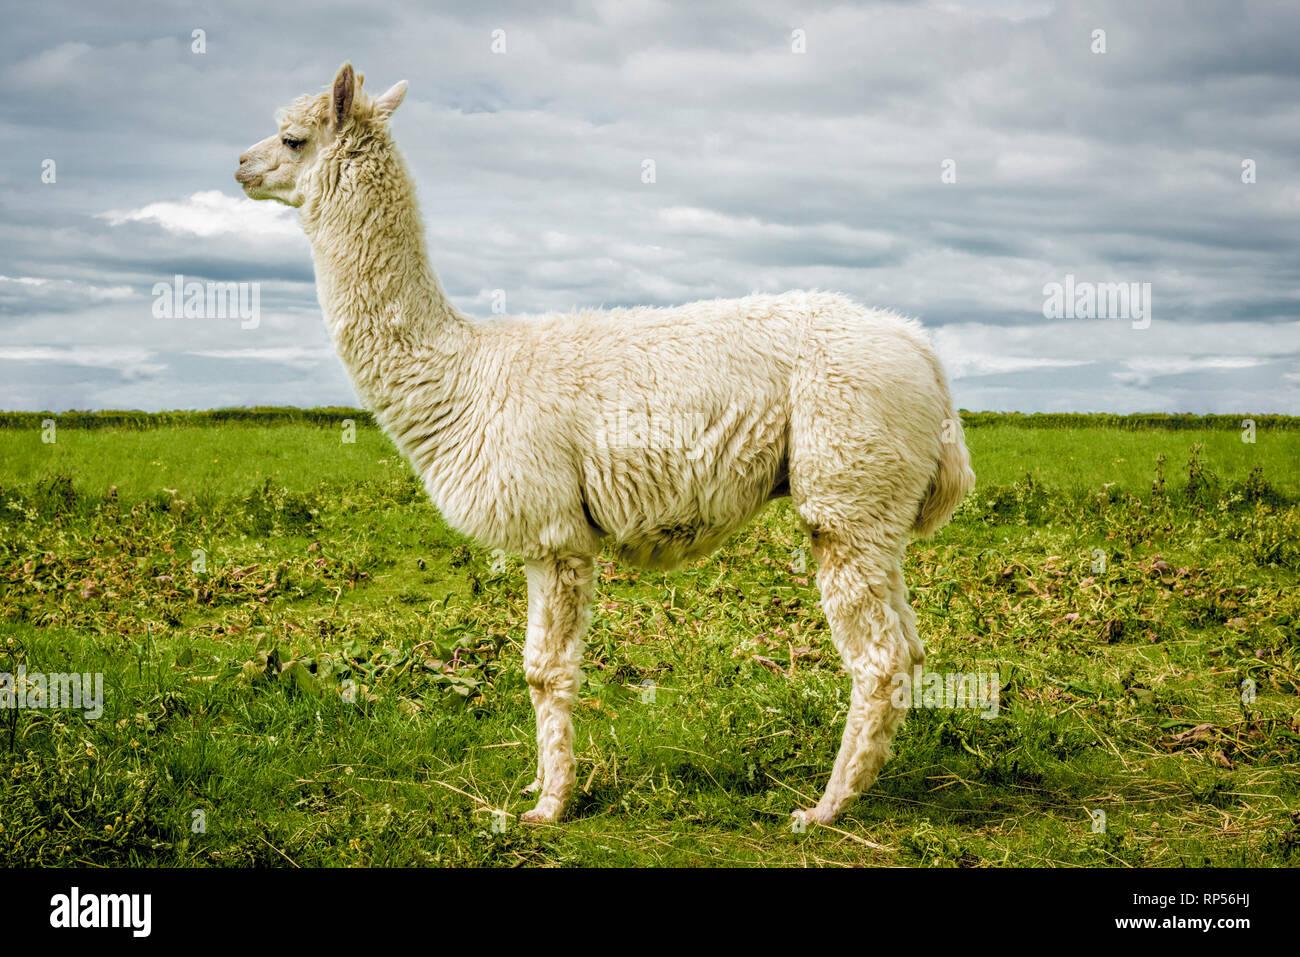 La Alpaca (Vicugna pacos) - una especie de camélido sudamericano. Foto de stock